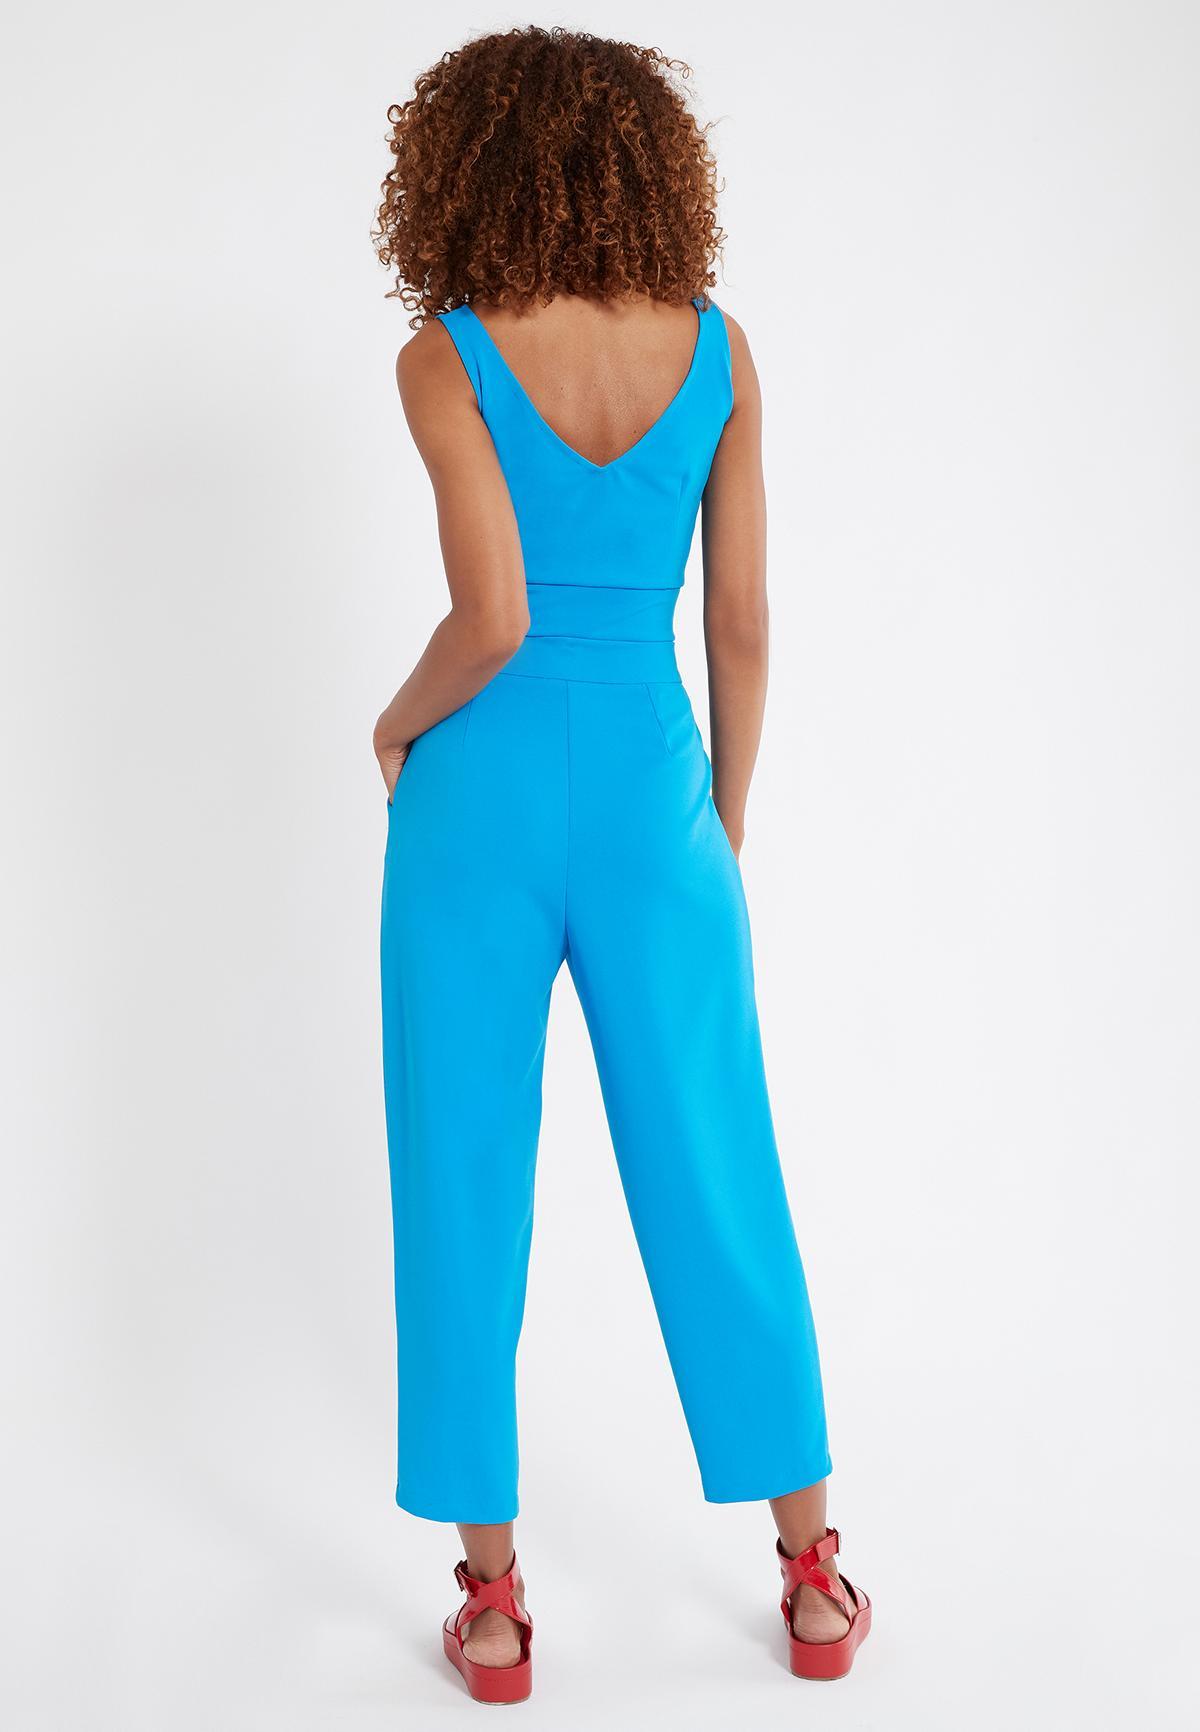 Rückansicht von Ana Alcazar Cropped Hose Seadani Blau  angezogen an Model